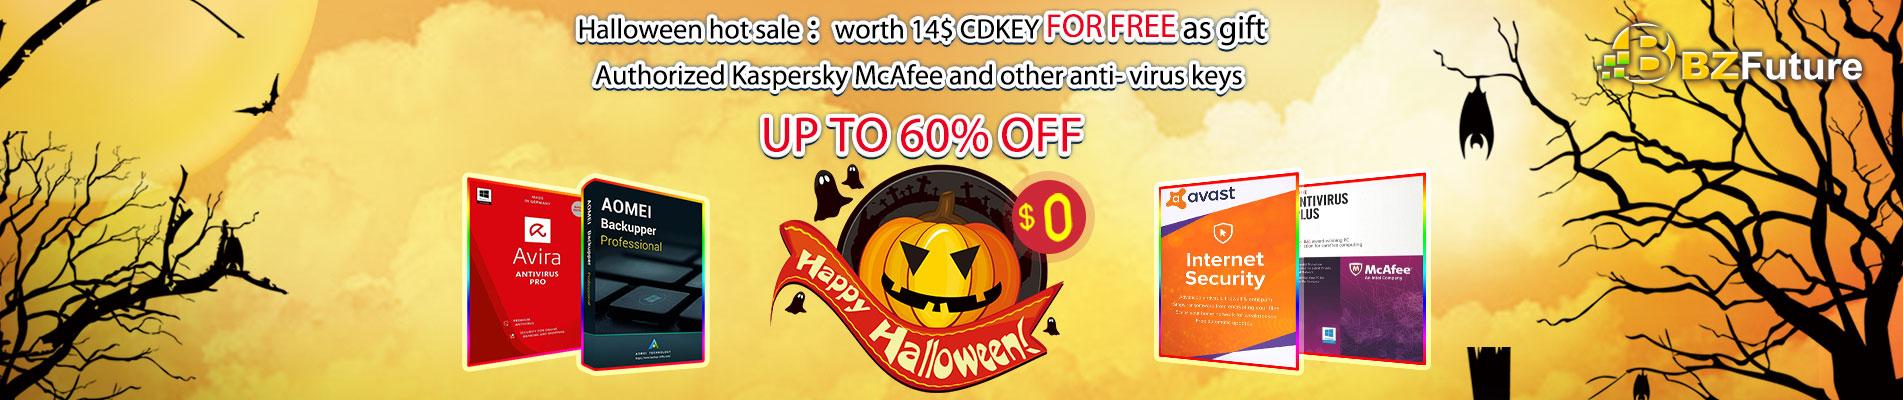 Halloween hot sale